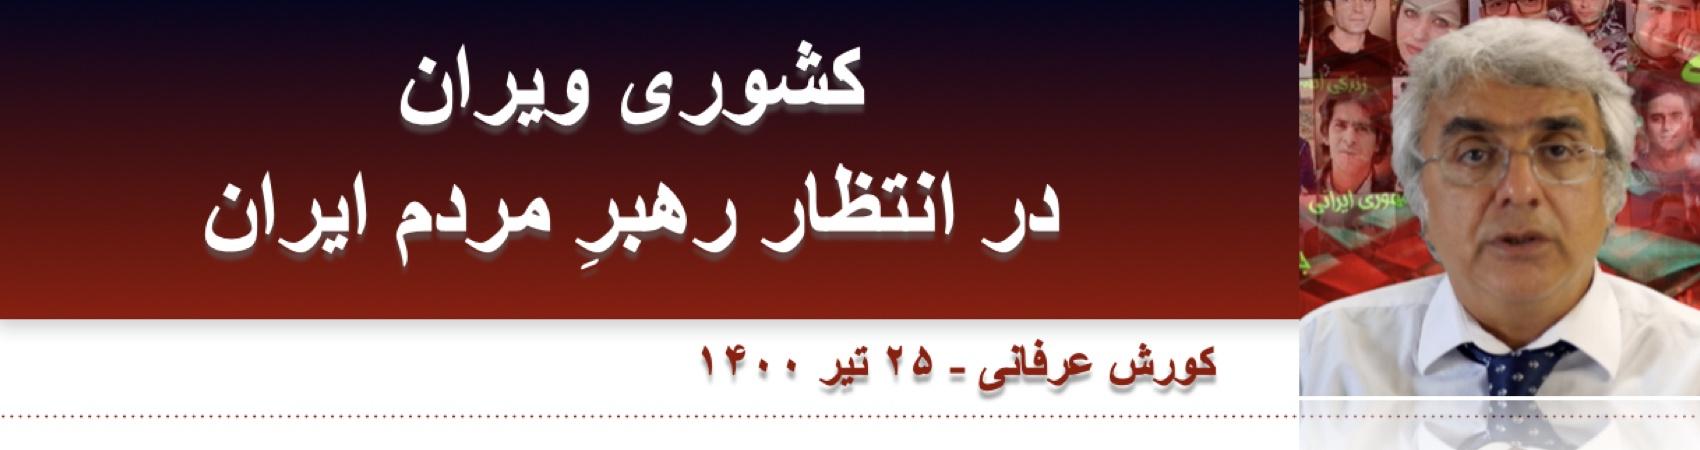 کشوری ویران در انتظار رهبرِ مردم ایران 